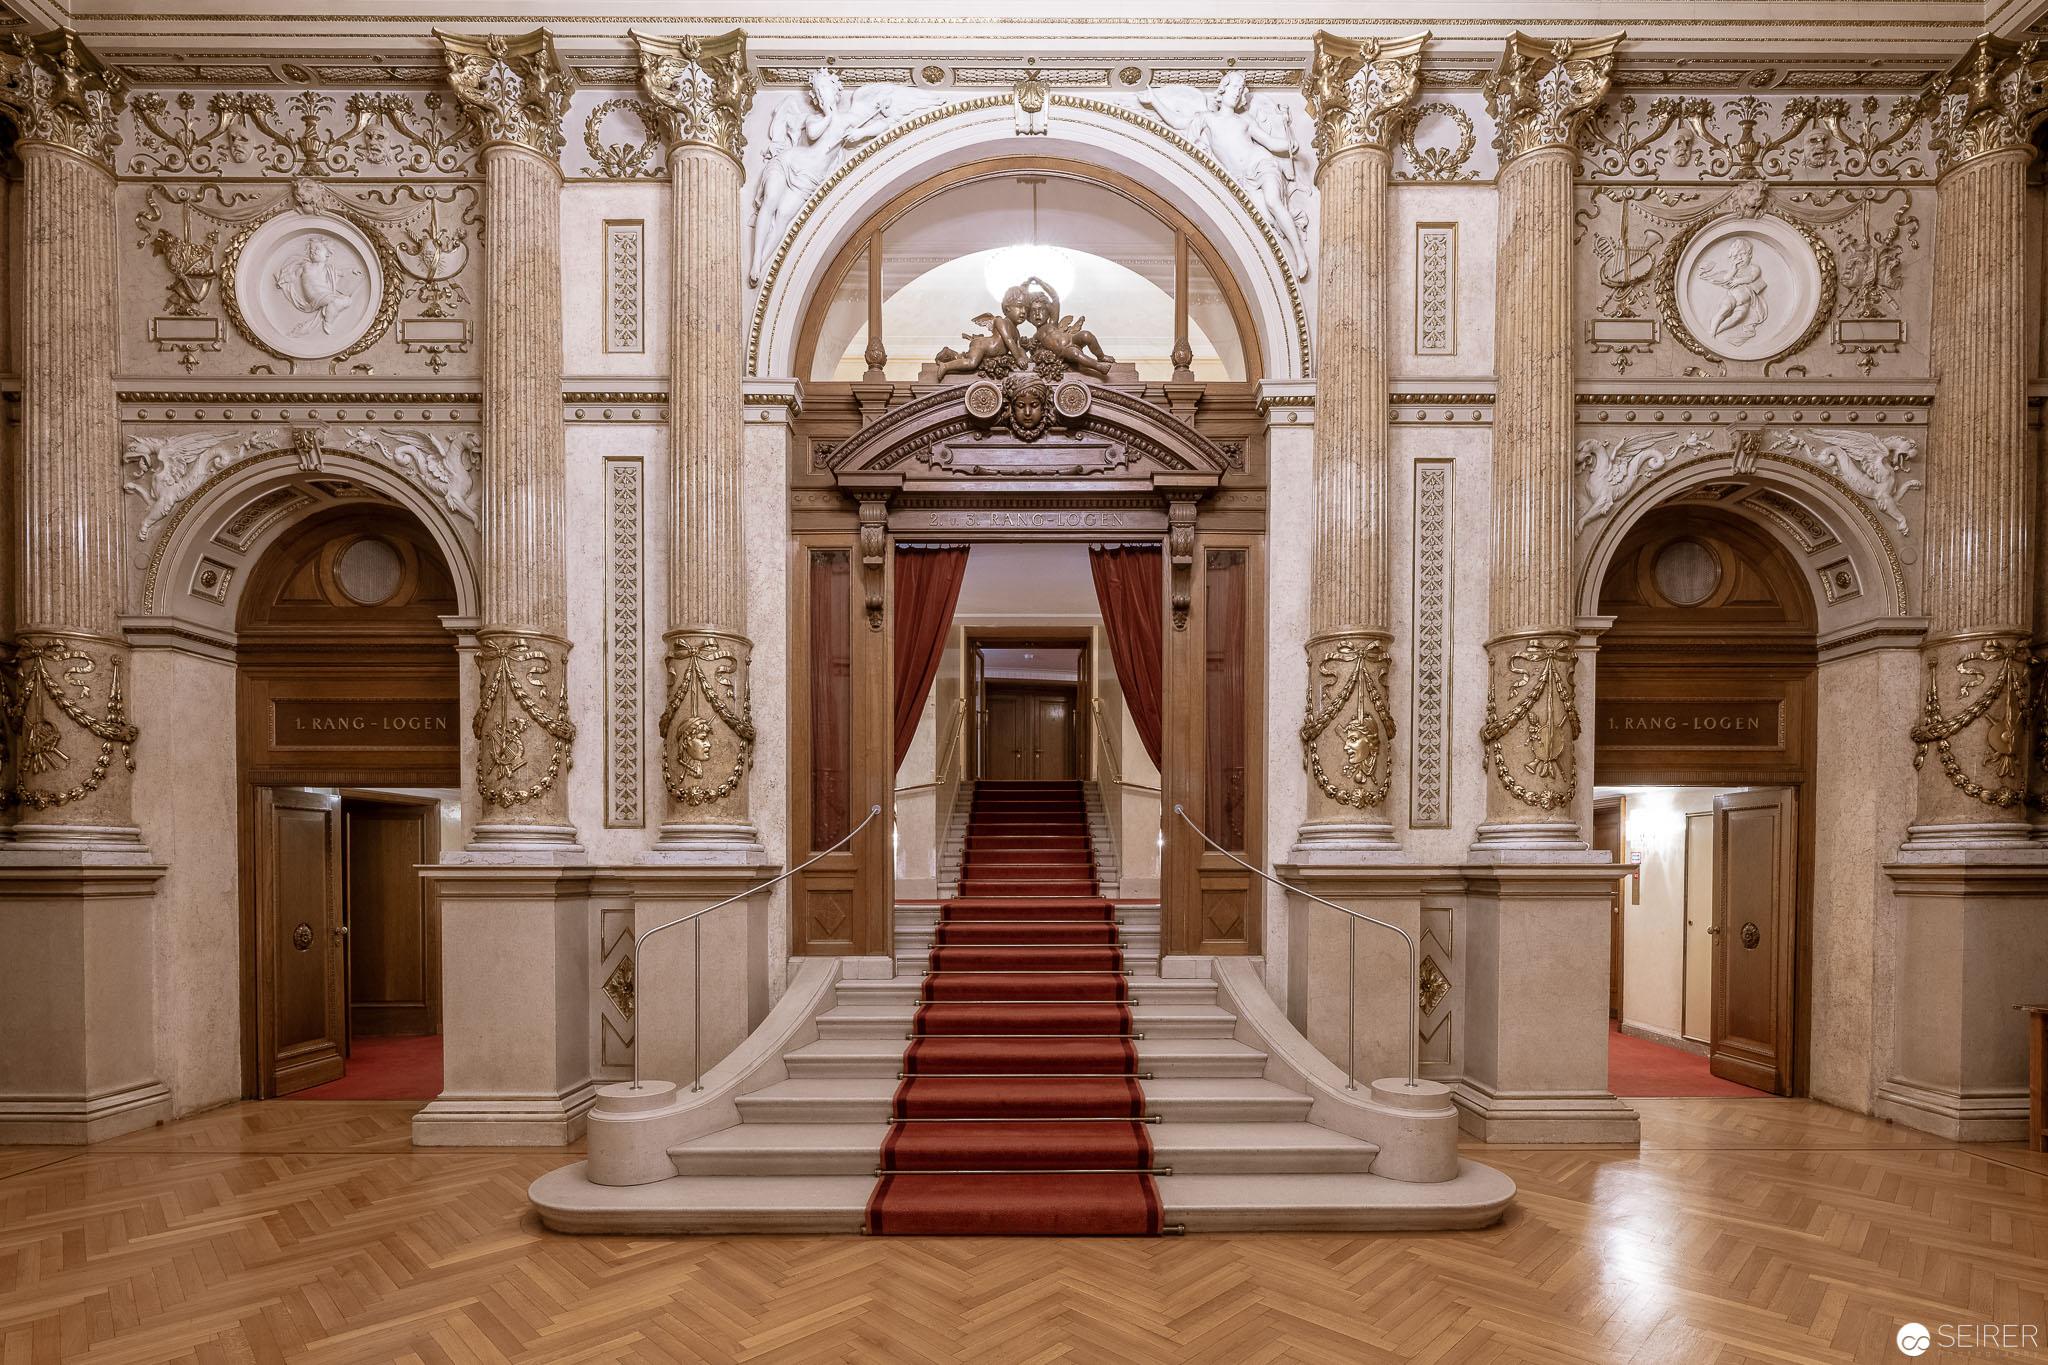 Feststiege im Burgtheater (Architekturfotografie)